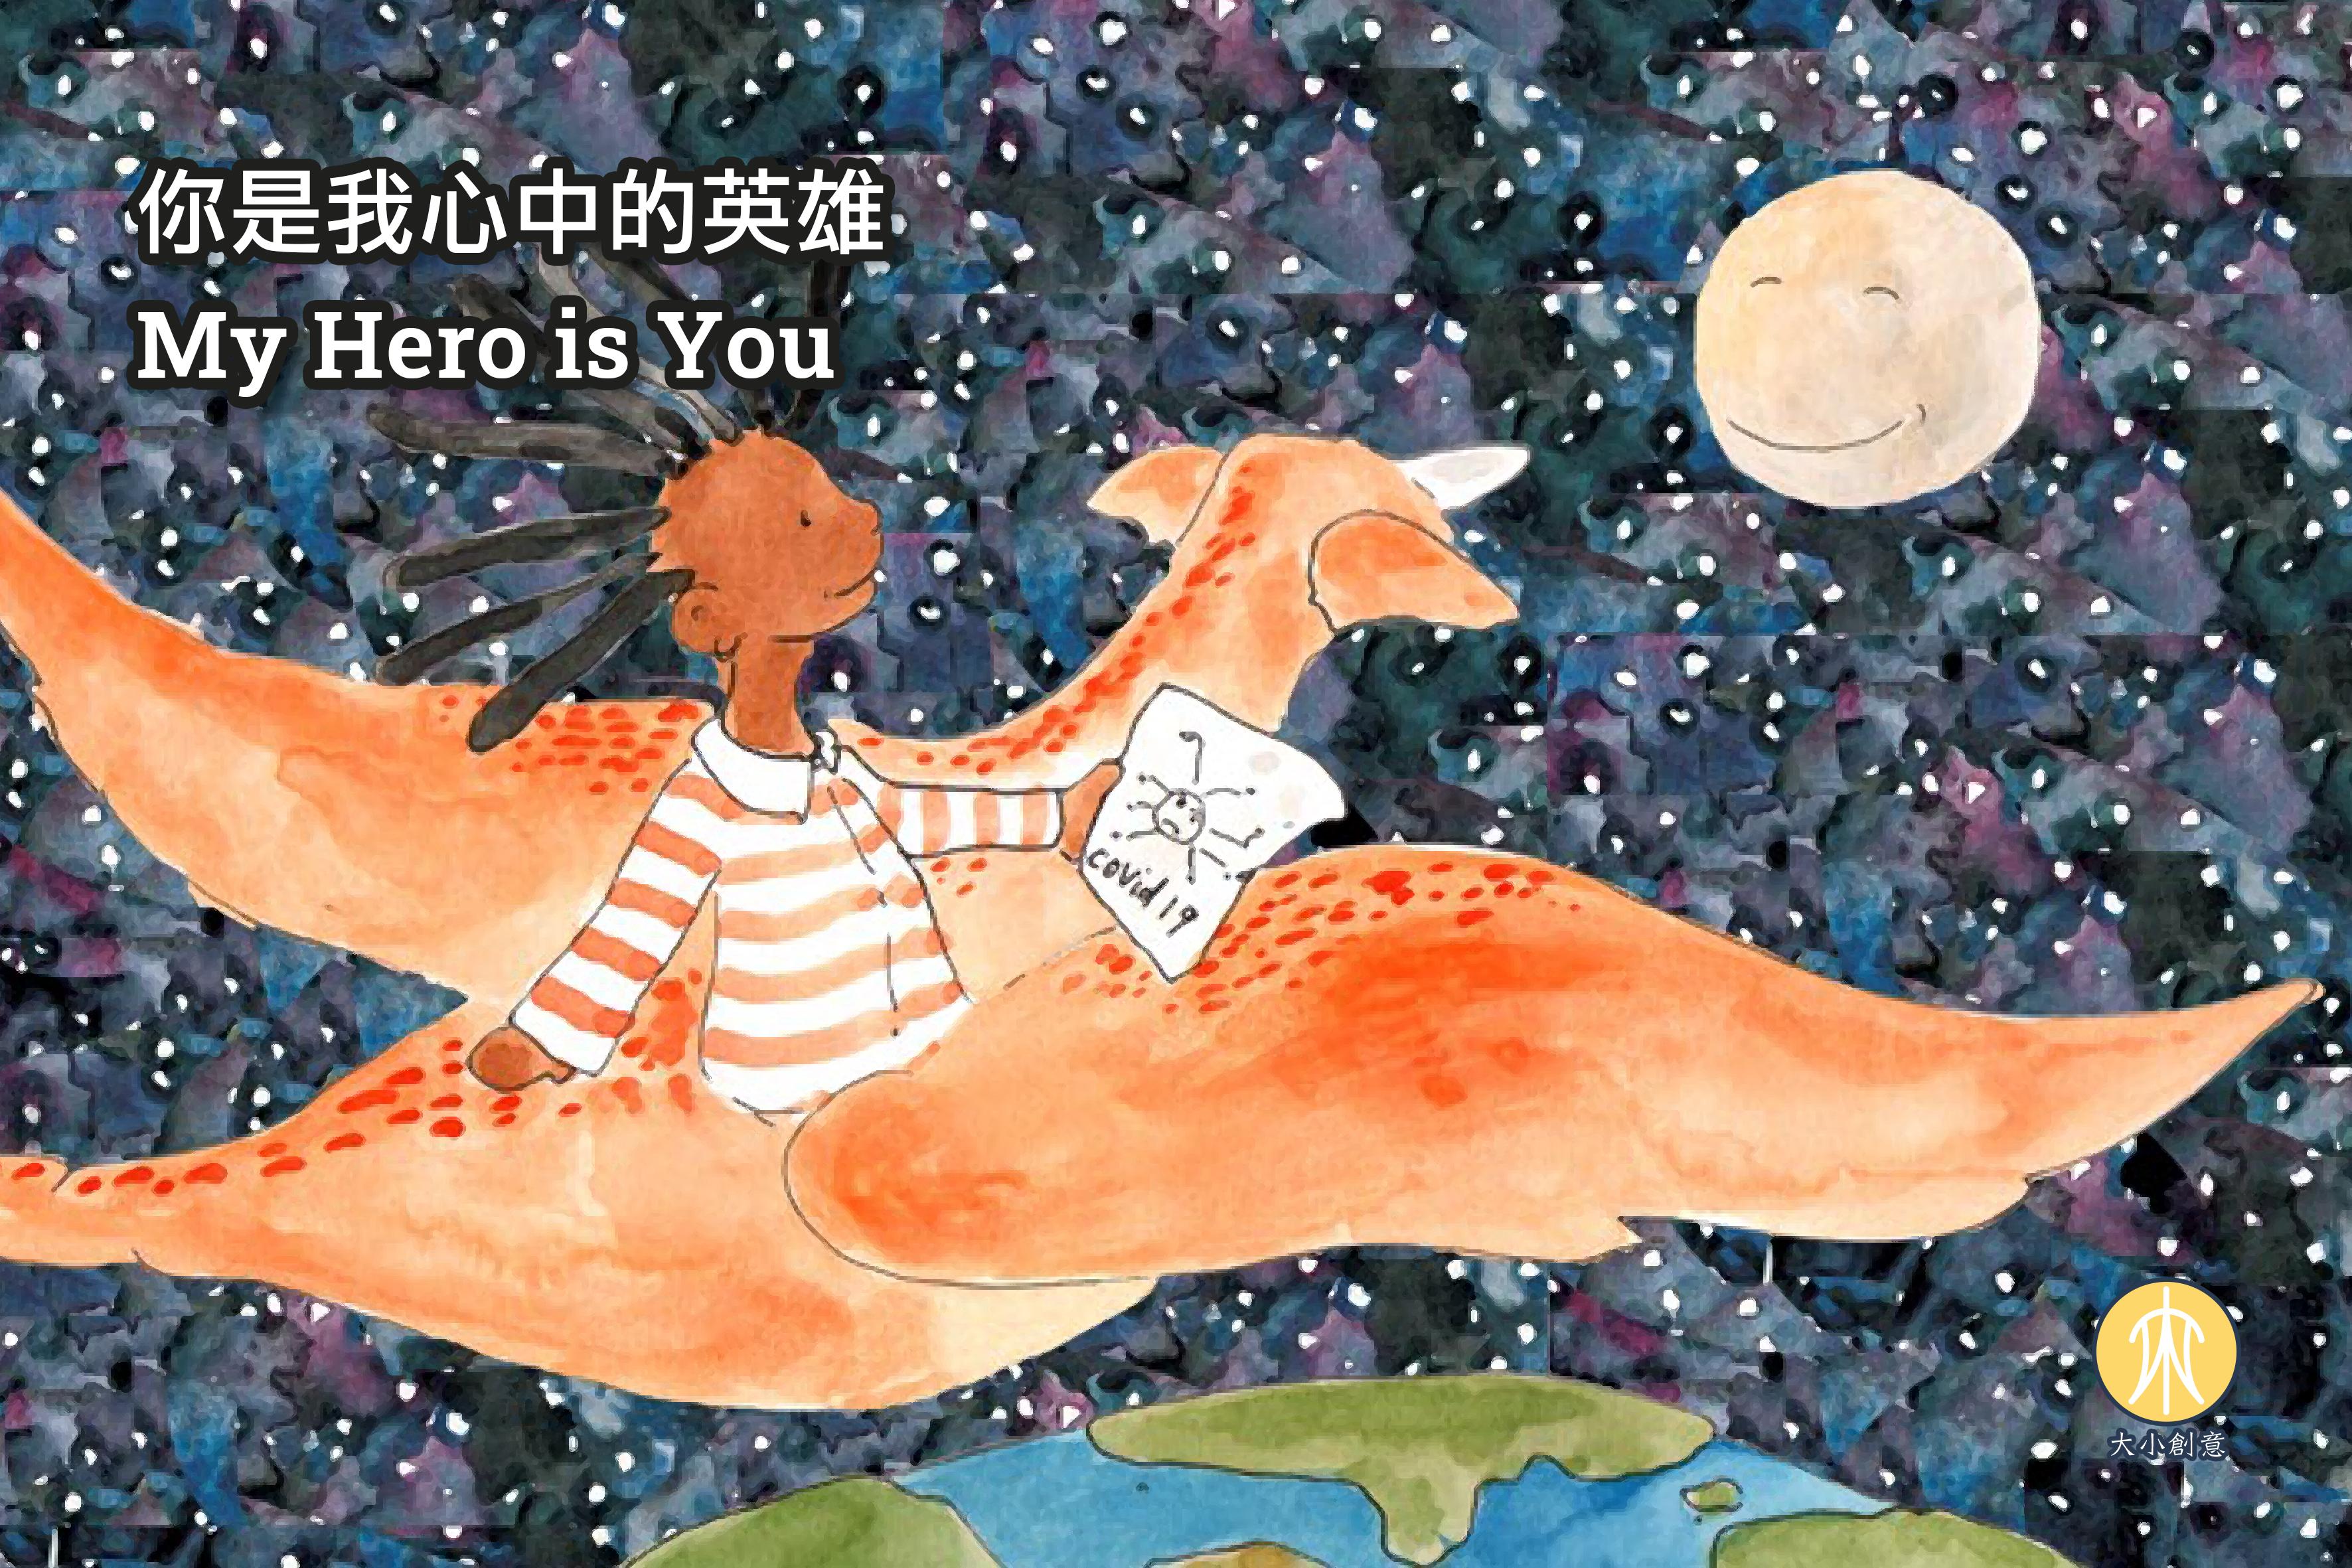 你是我心中的英雄